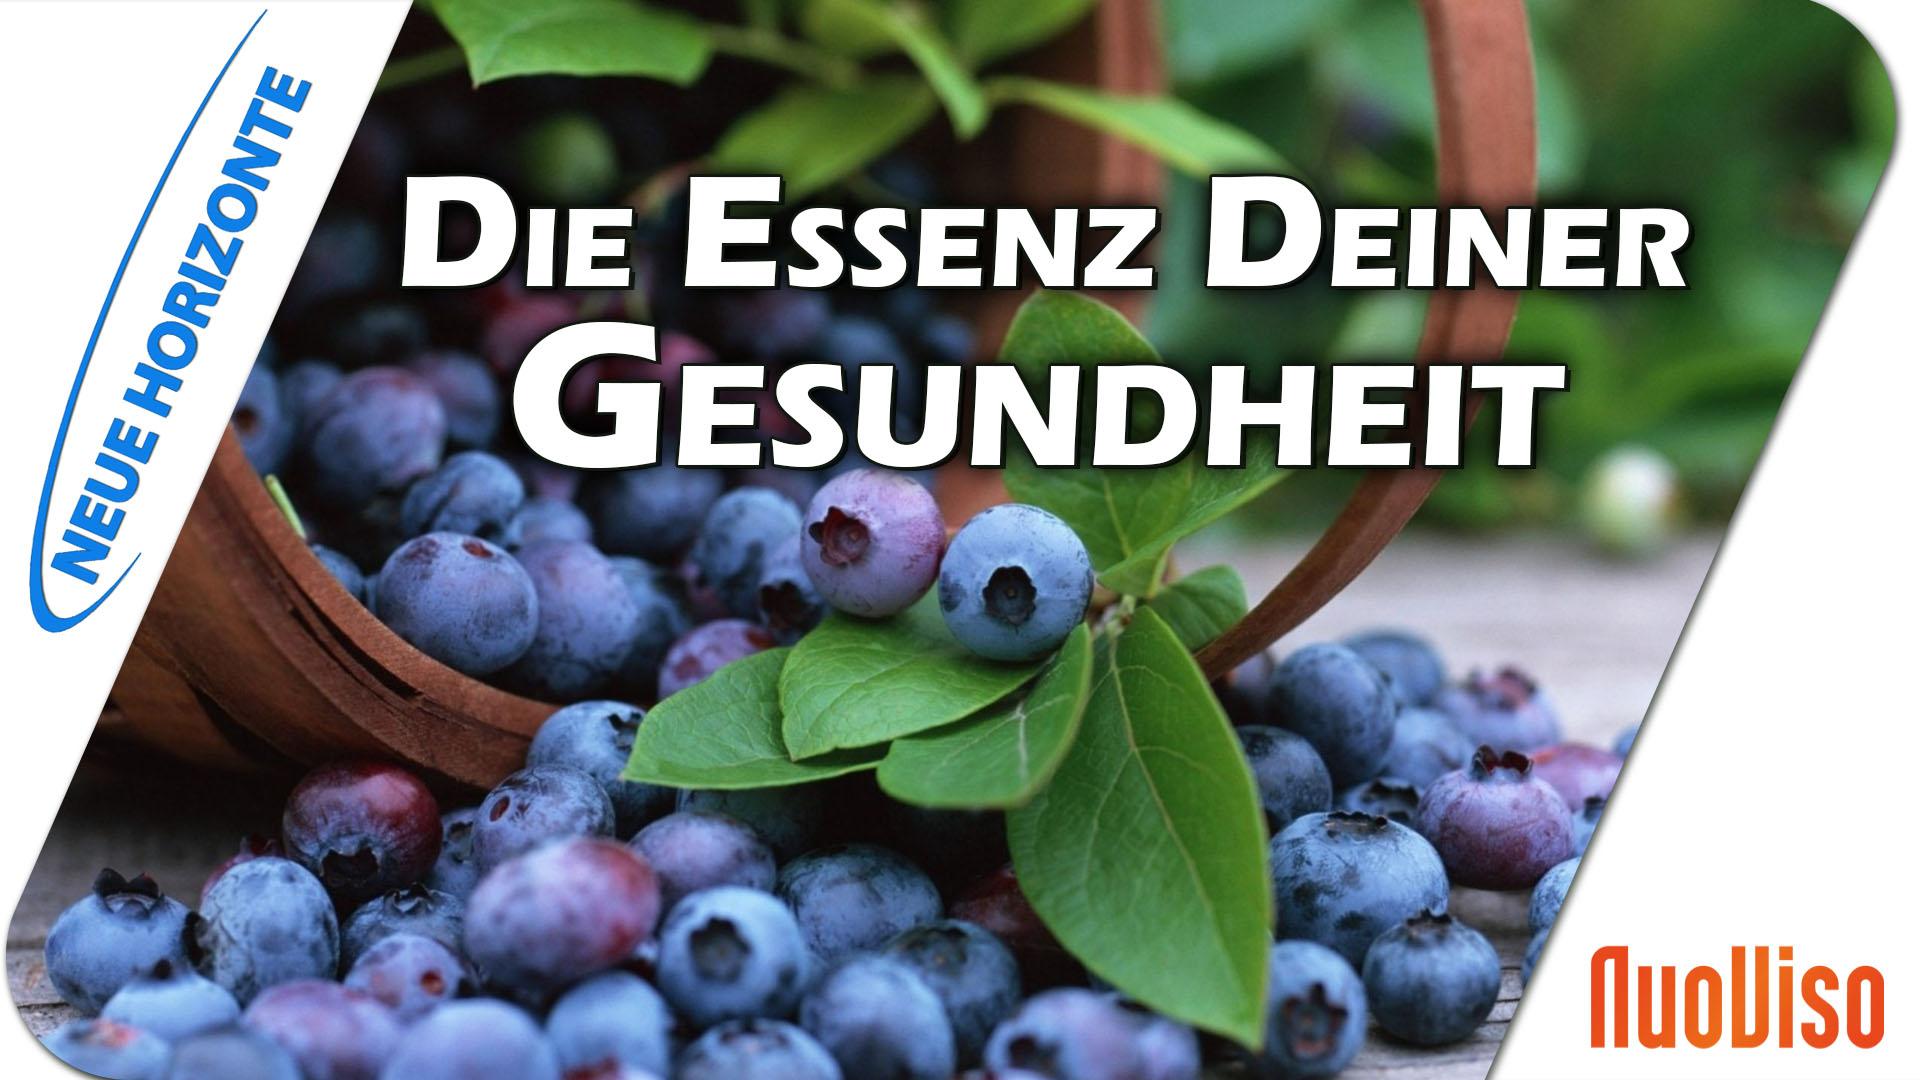 Die Essenz Deiner Gesundheit – Jutta Suffner